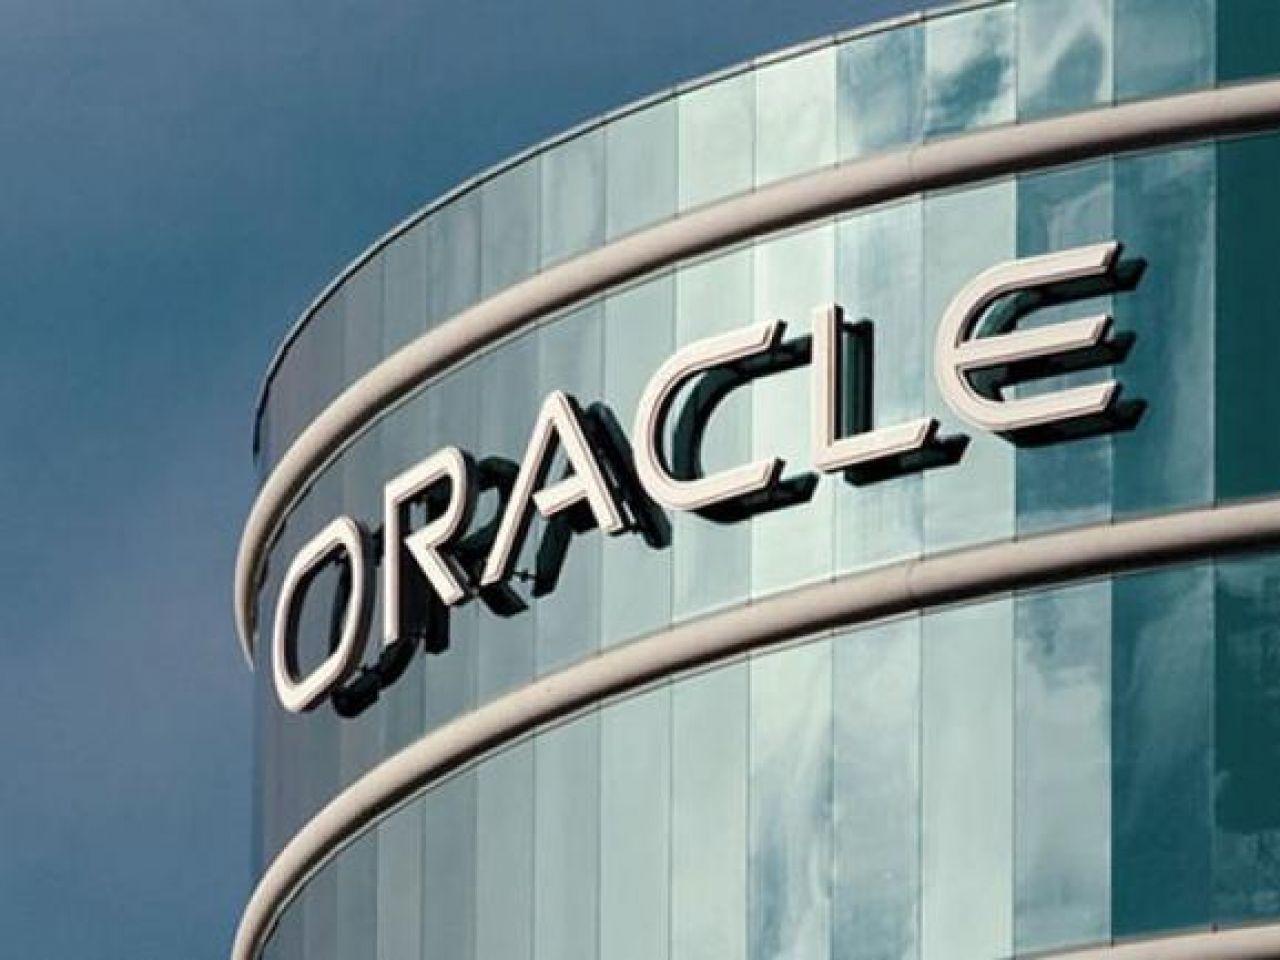 オラクル、世界で約2000人を採用へ--クラウドインフラ事業を強化